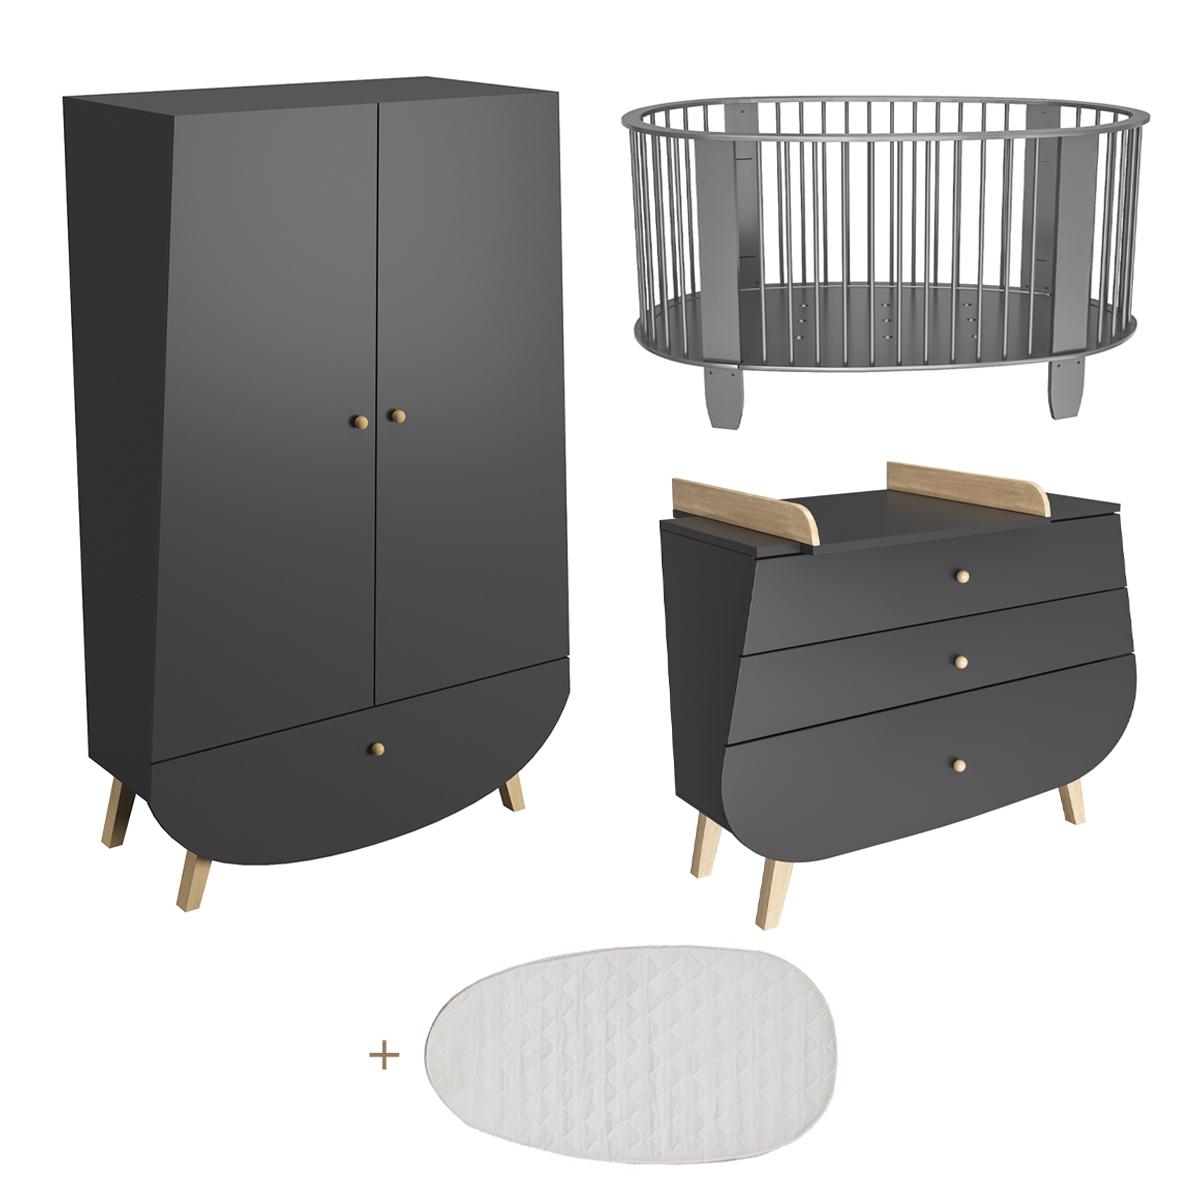 Chambre complète lit bébé 60x120 commode à langer et armoire Songes et Rigolades Cocon - Gris anthracite